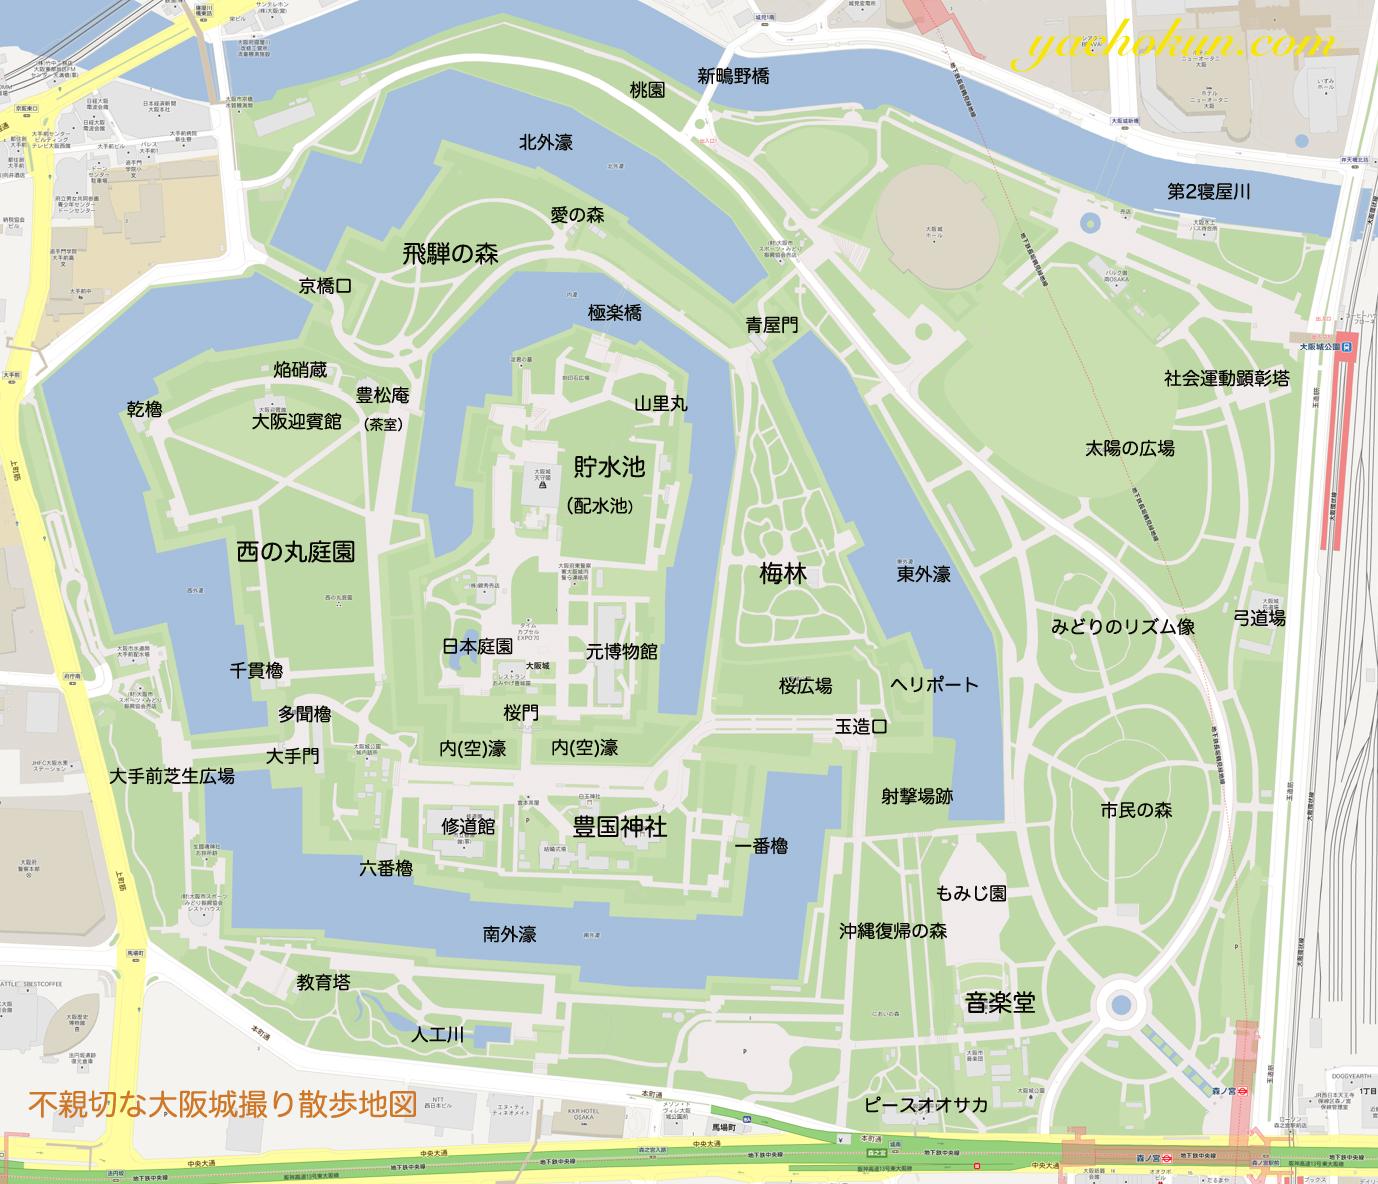 大阪城公園の野鳥散歩地図